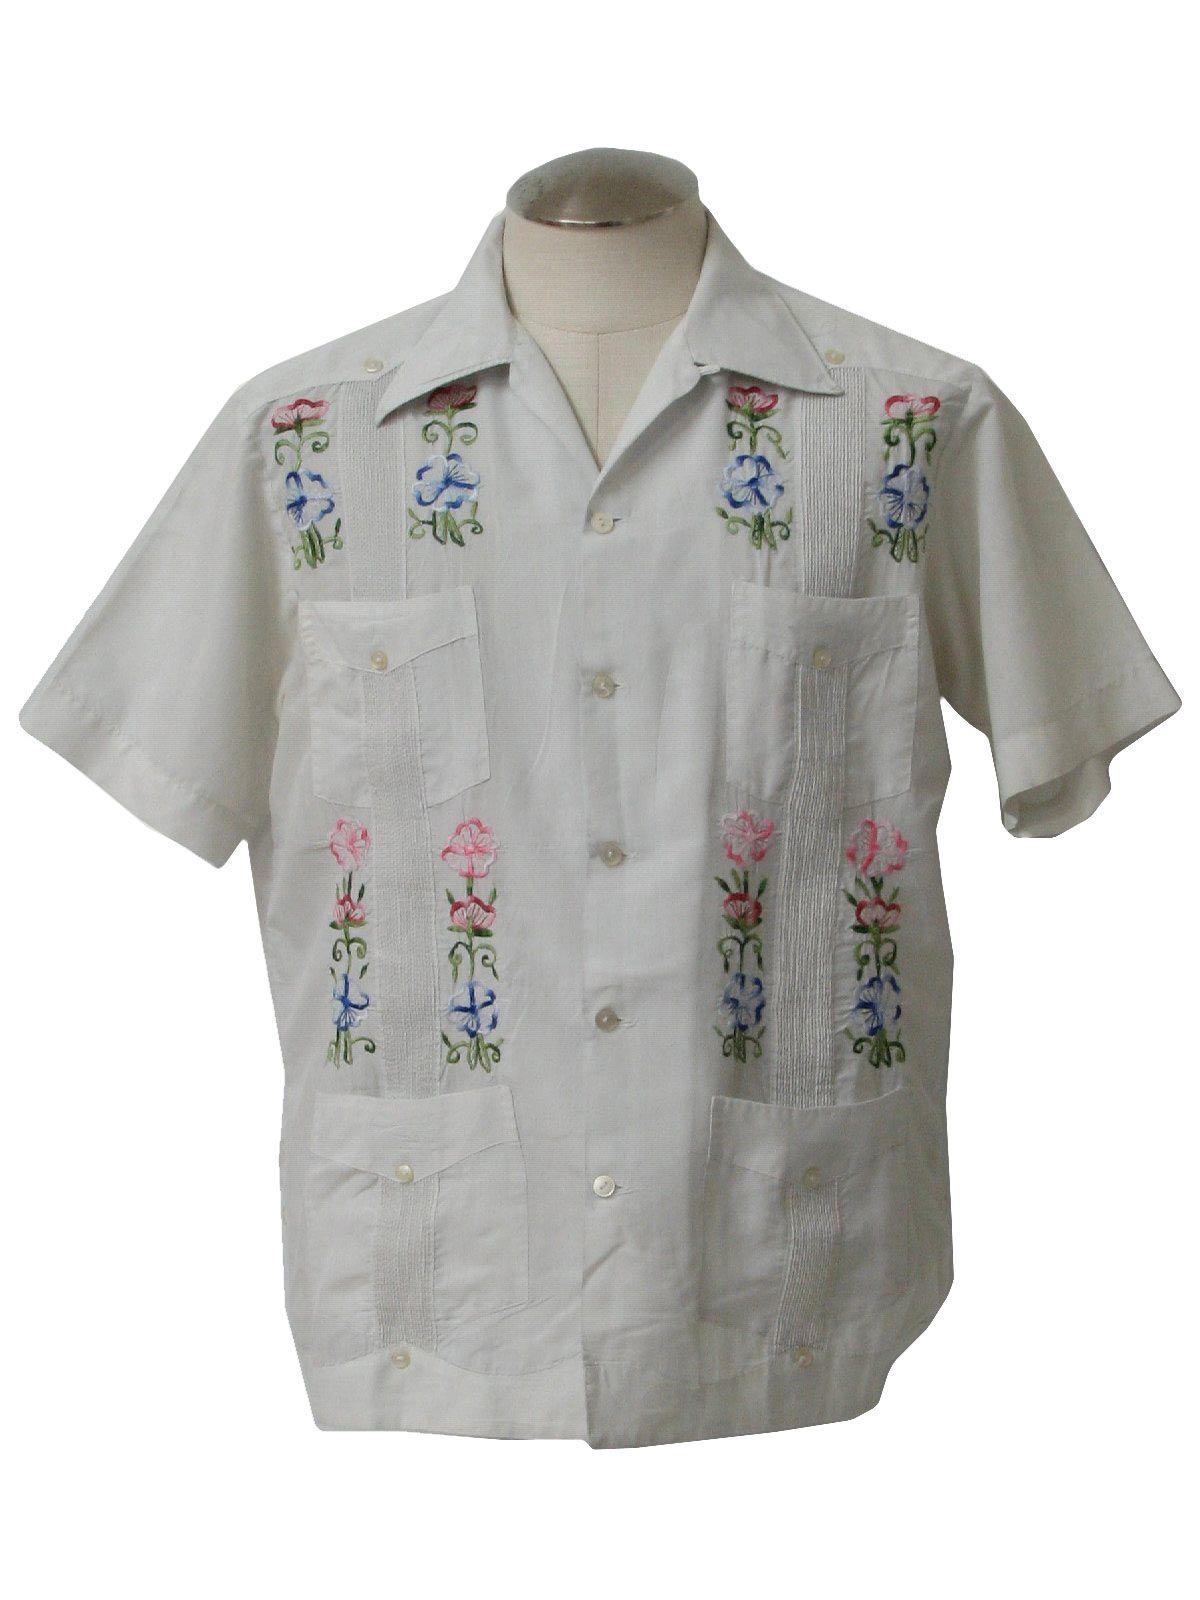 70s yucatan guayabera or mexican wedding shirt